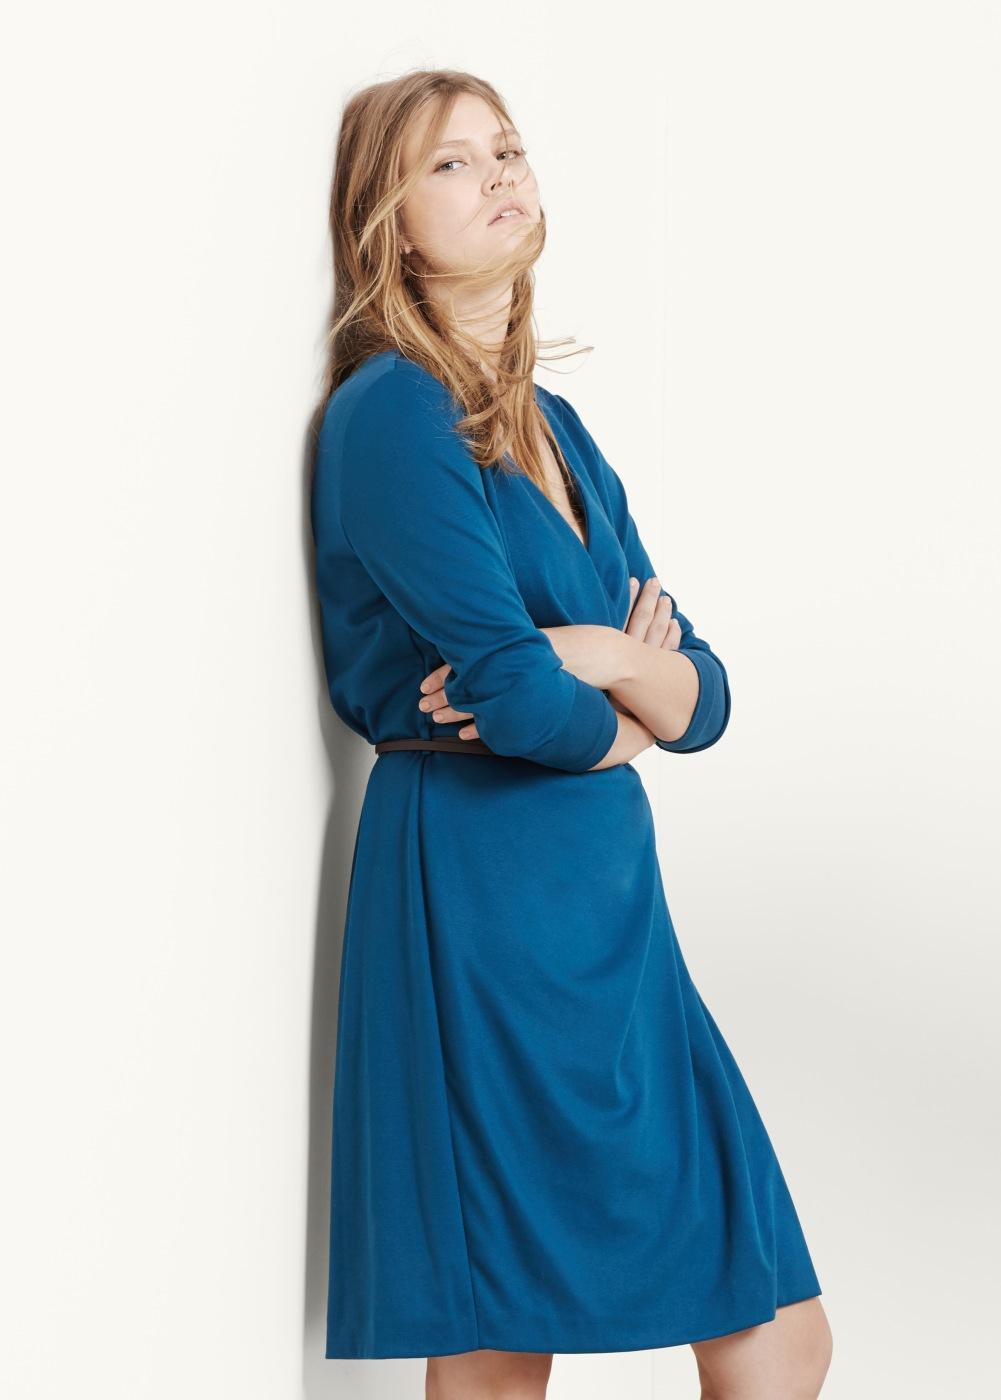 823a4275a88 Sélection de robes idéales pour camoufler un petit ventre - Madame ...